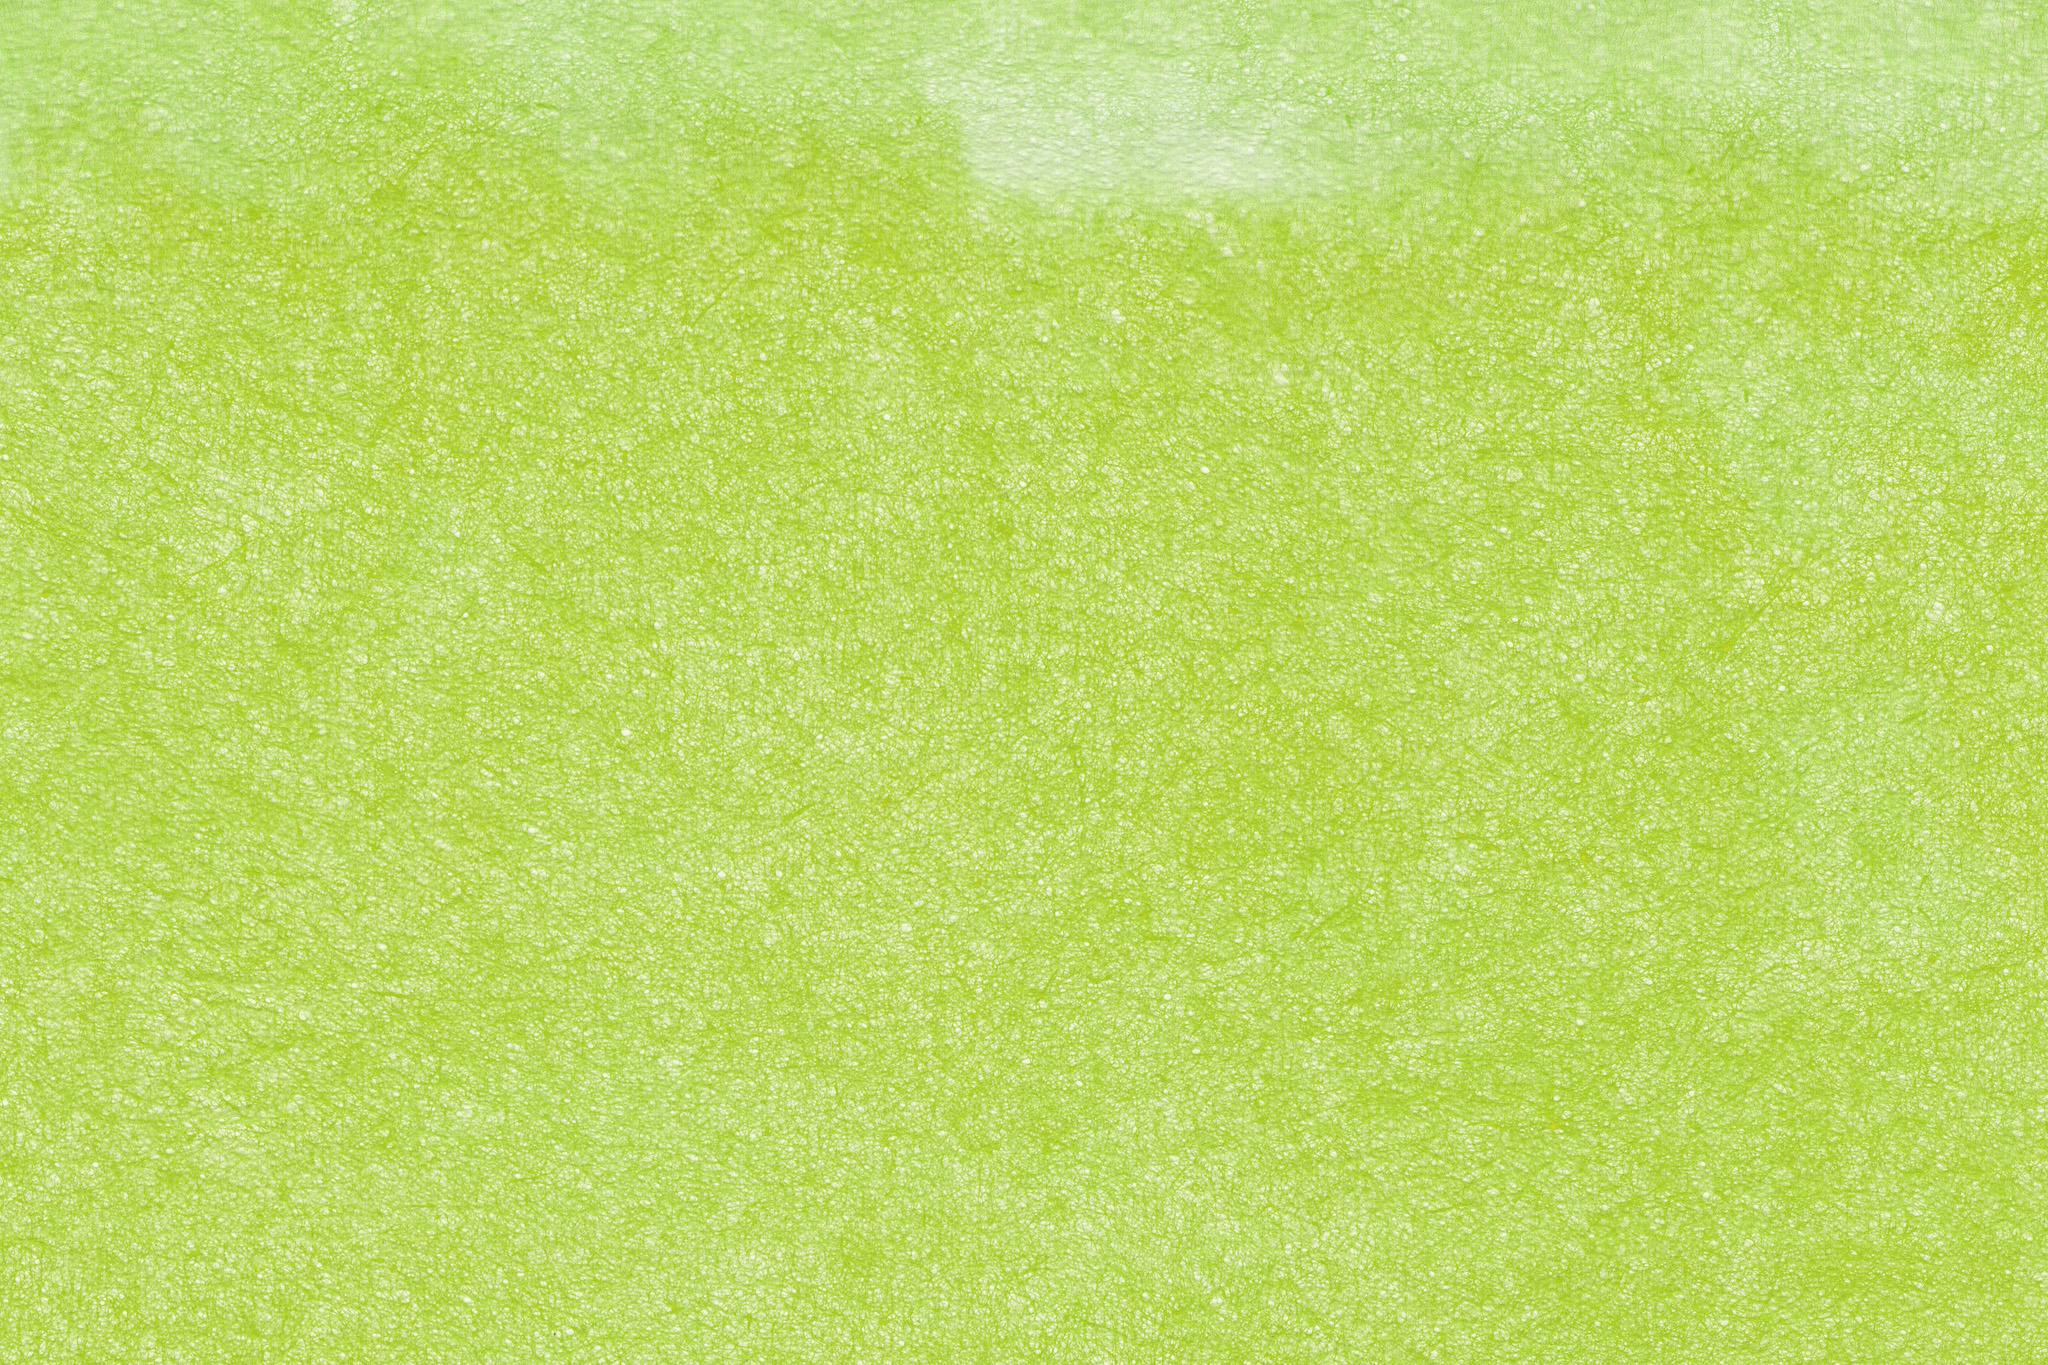 「若草色の薄い和紙」の画像を無料ダウンロード